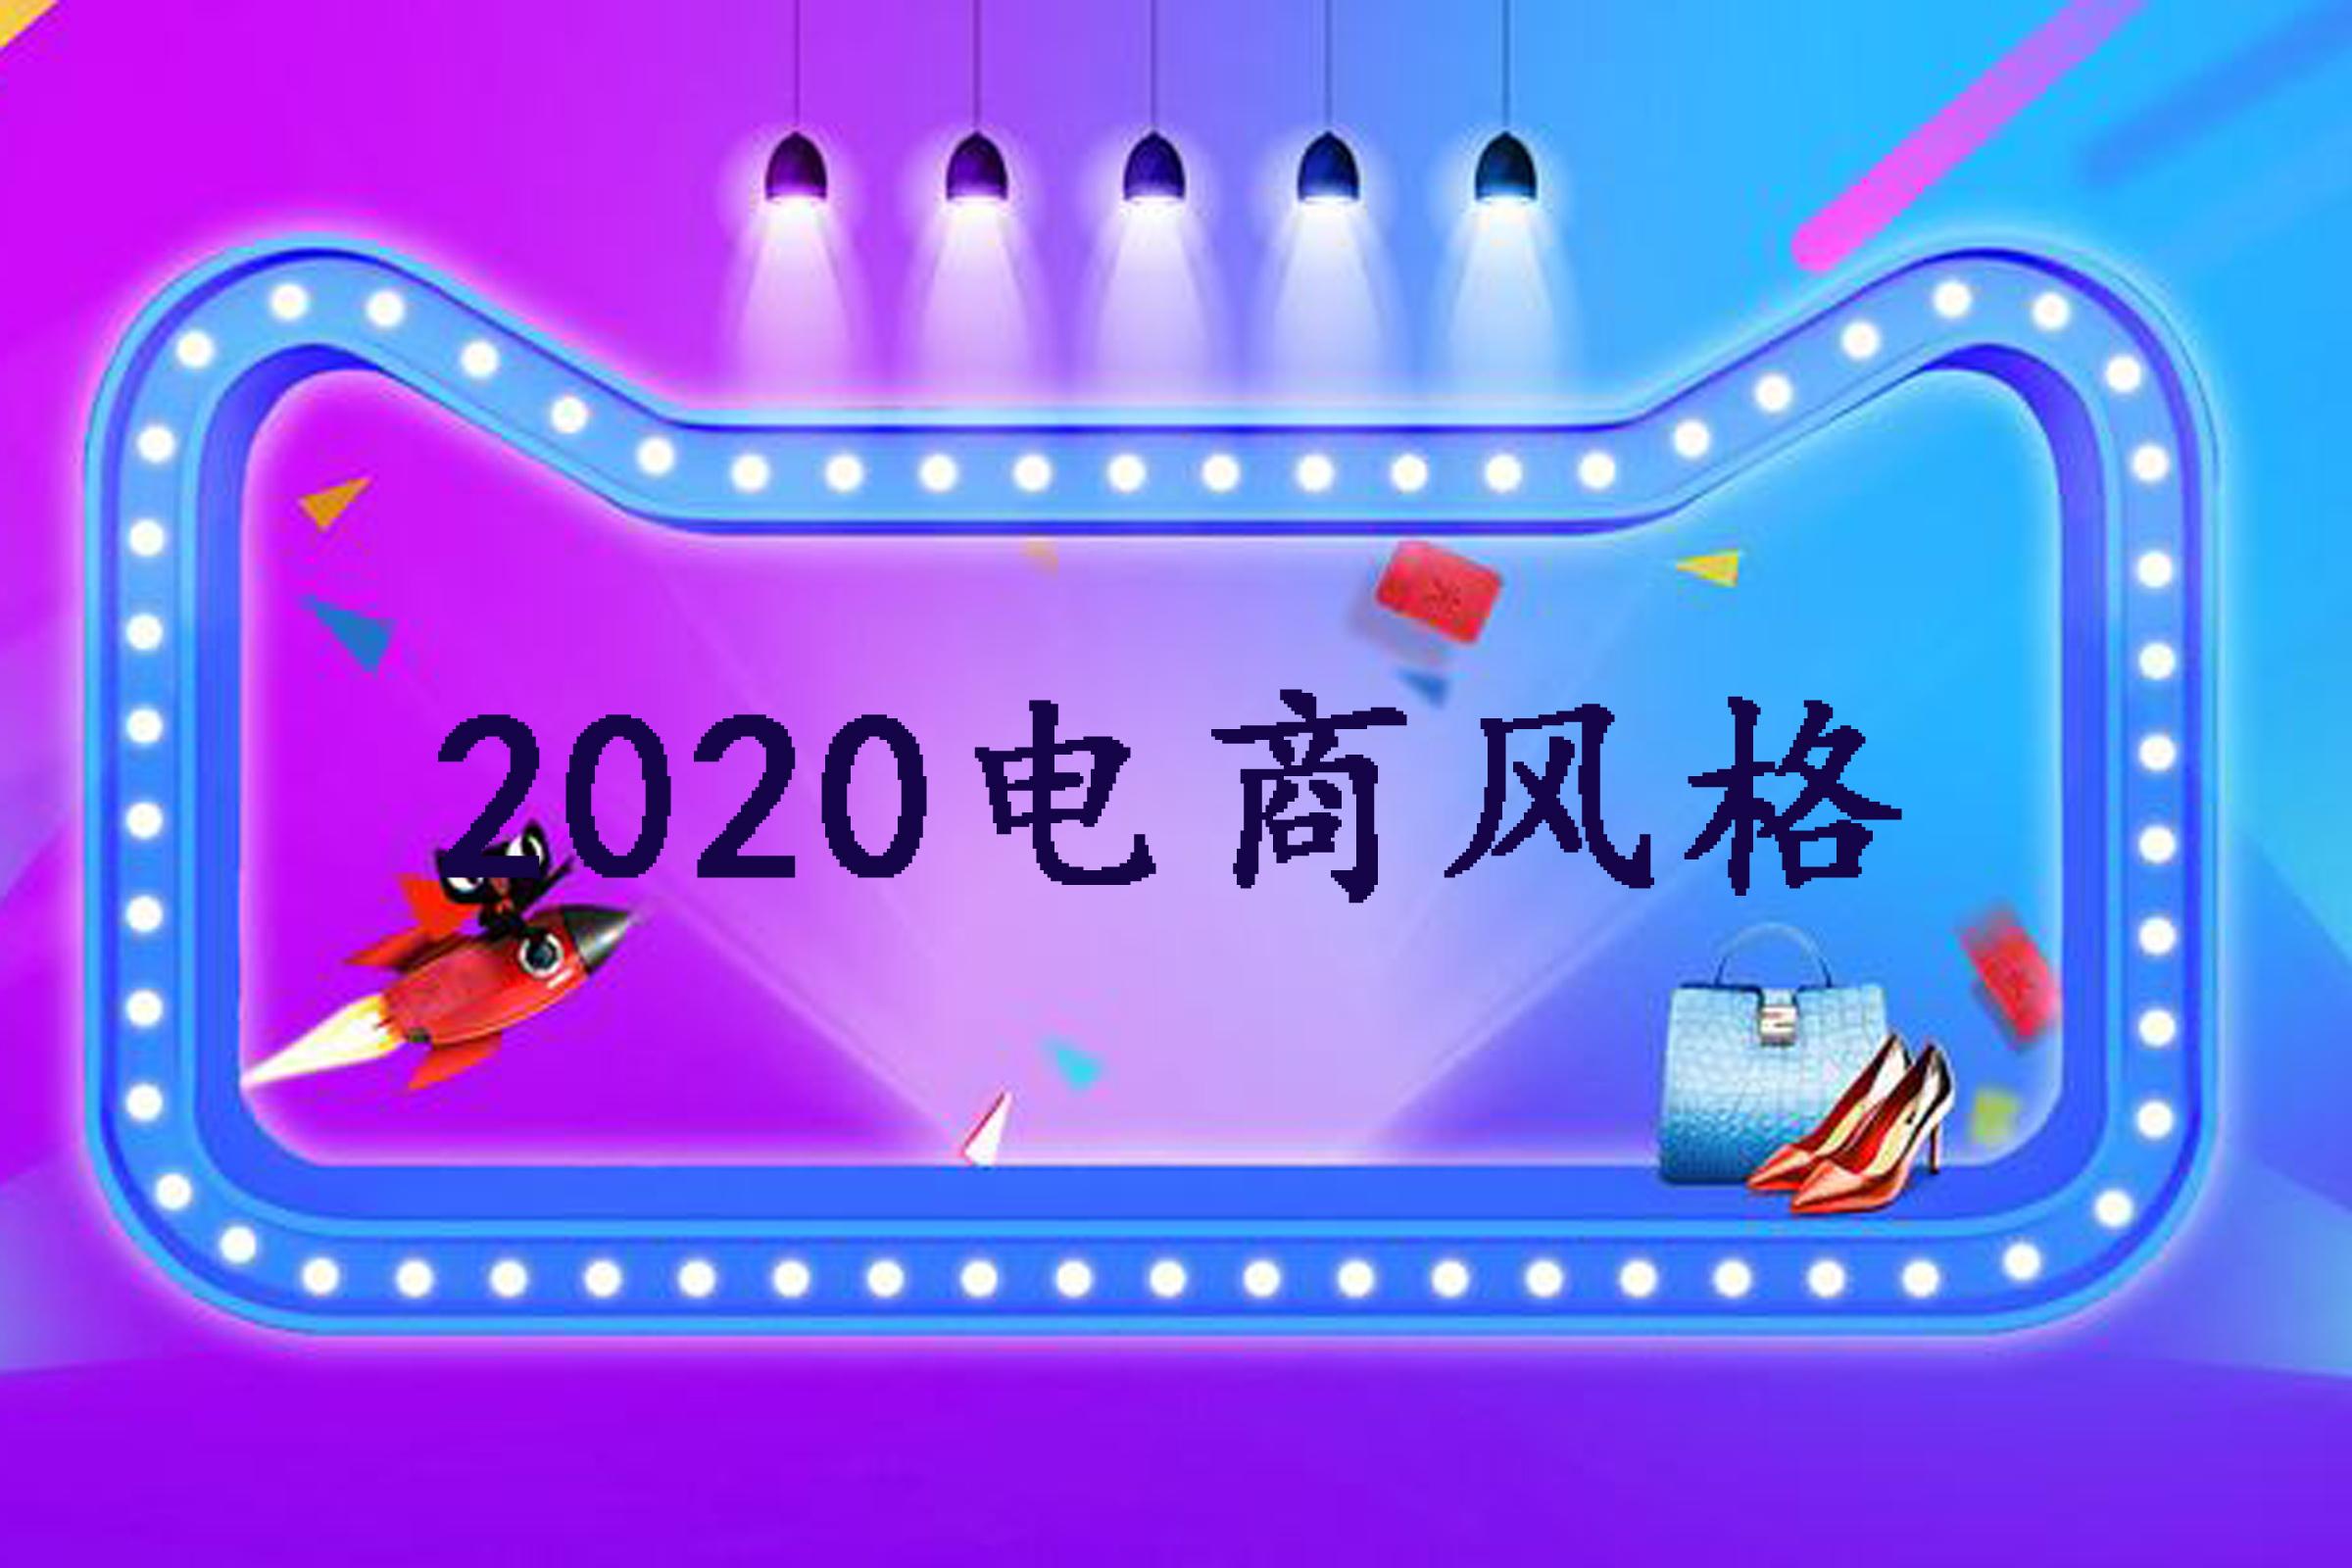 2020年,三种网店失败风格,你的店铺有吗?